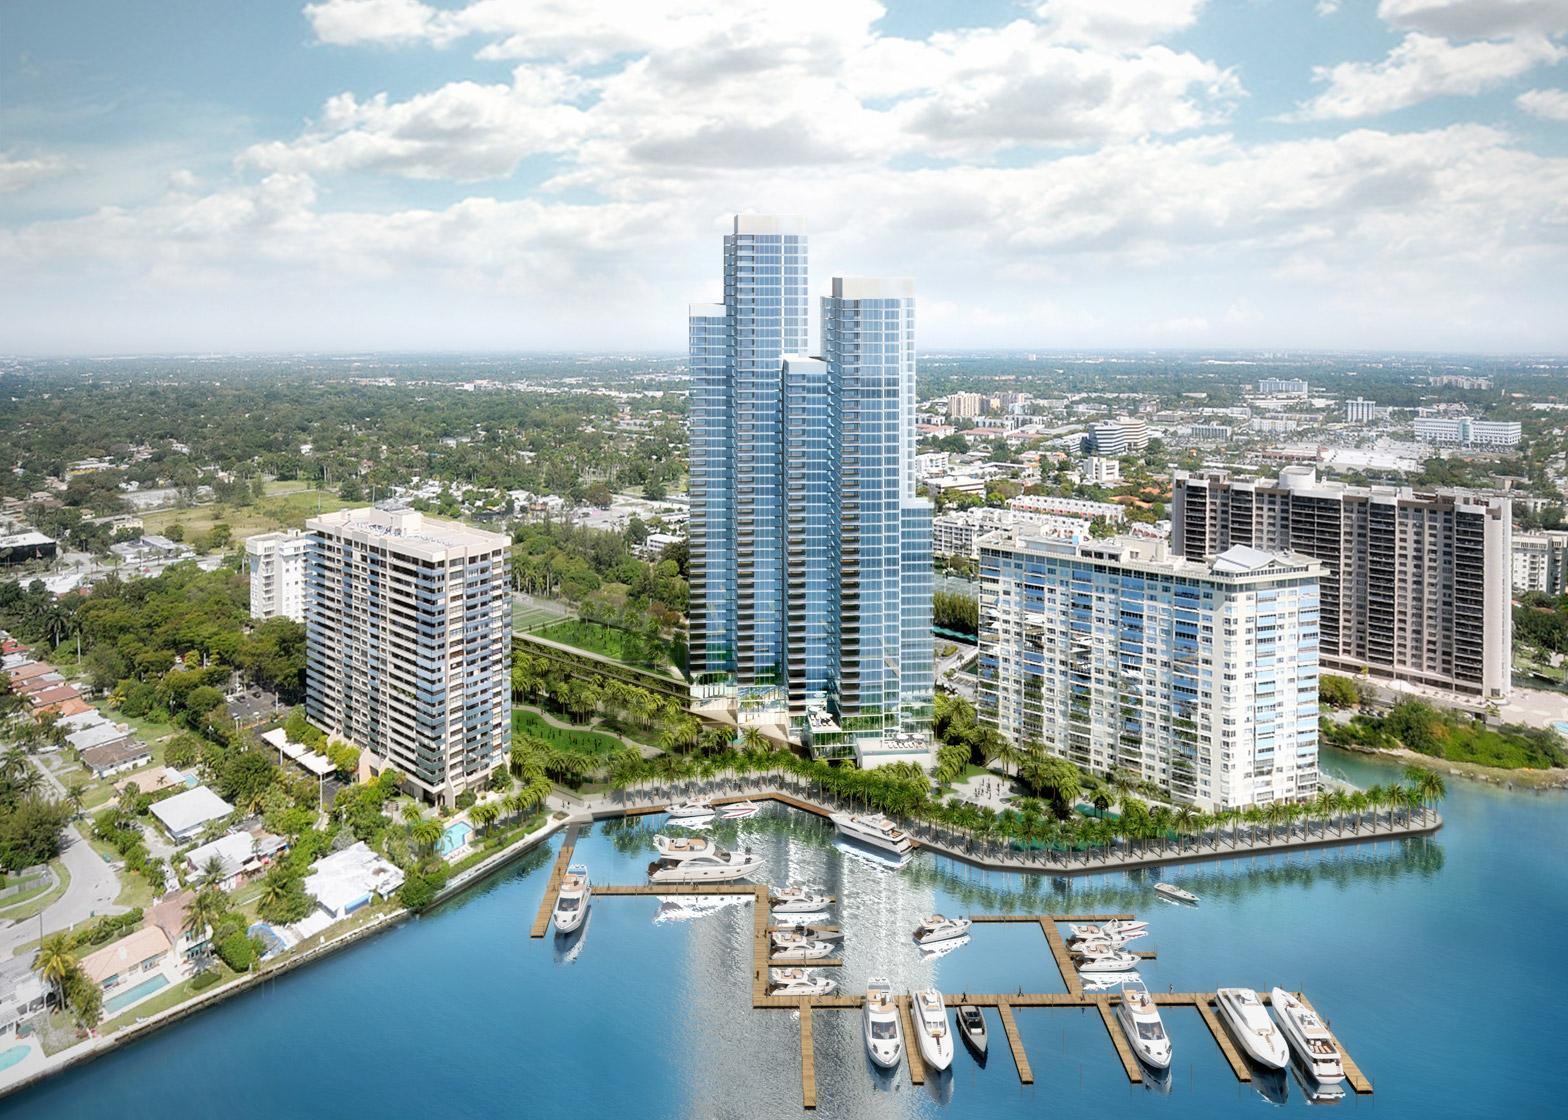 Rafael Moneo 11111 Biscayne Boulevard Joevkey Club Architecture News Miami Florida